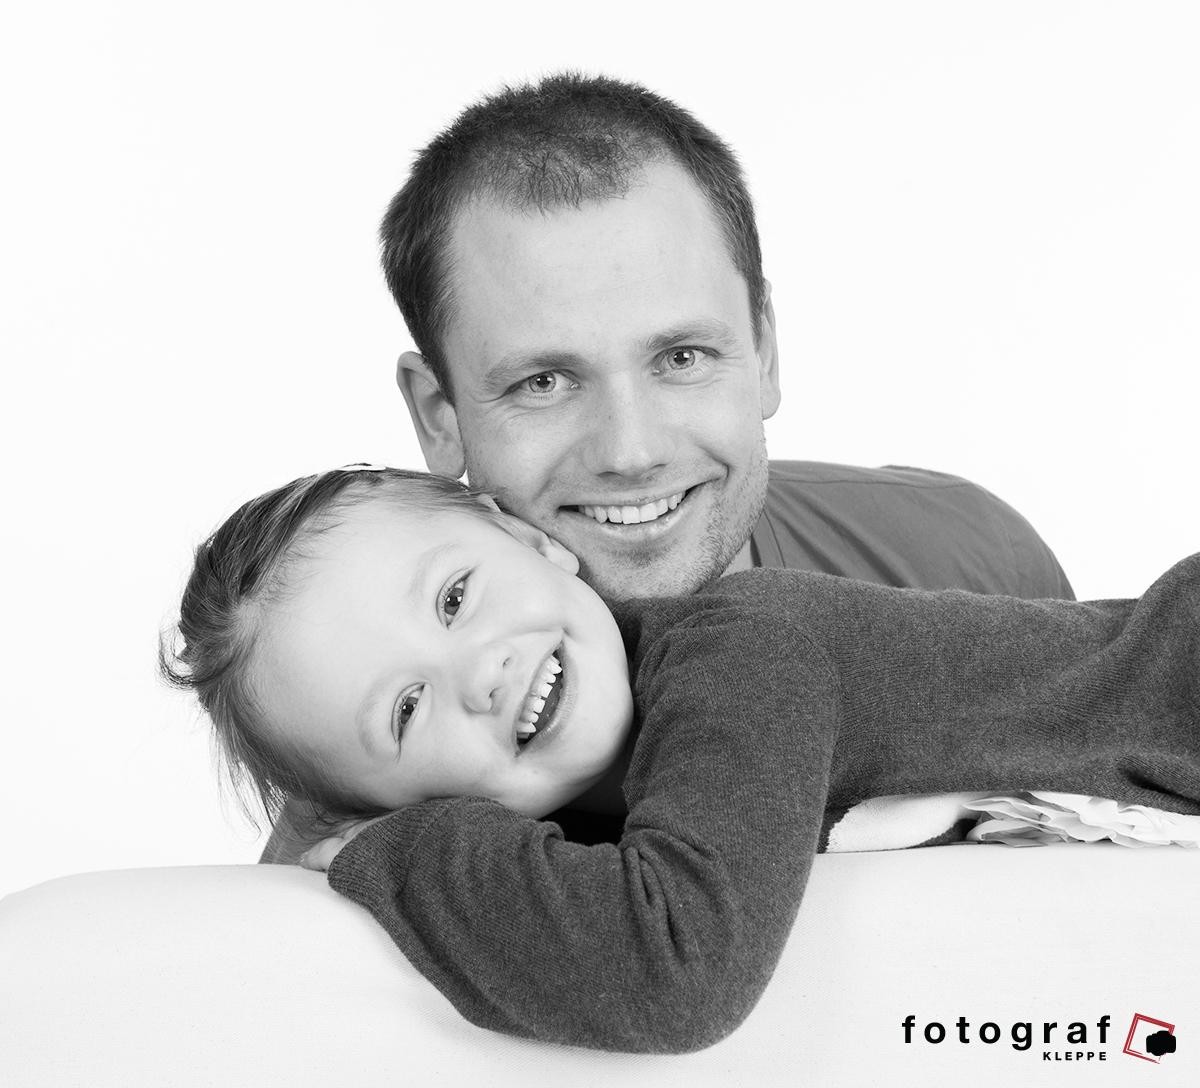 fotograf-kleppe-familie-fotografering-32